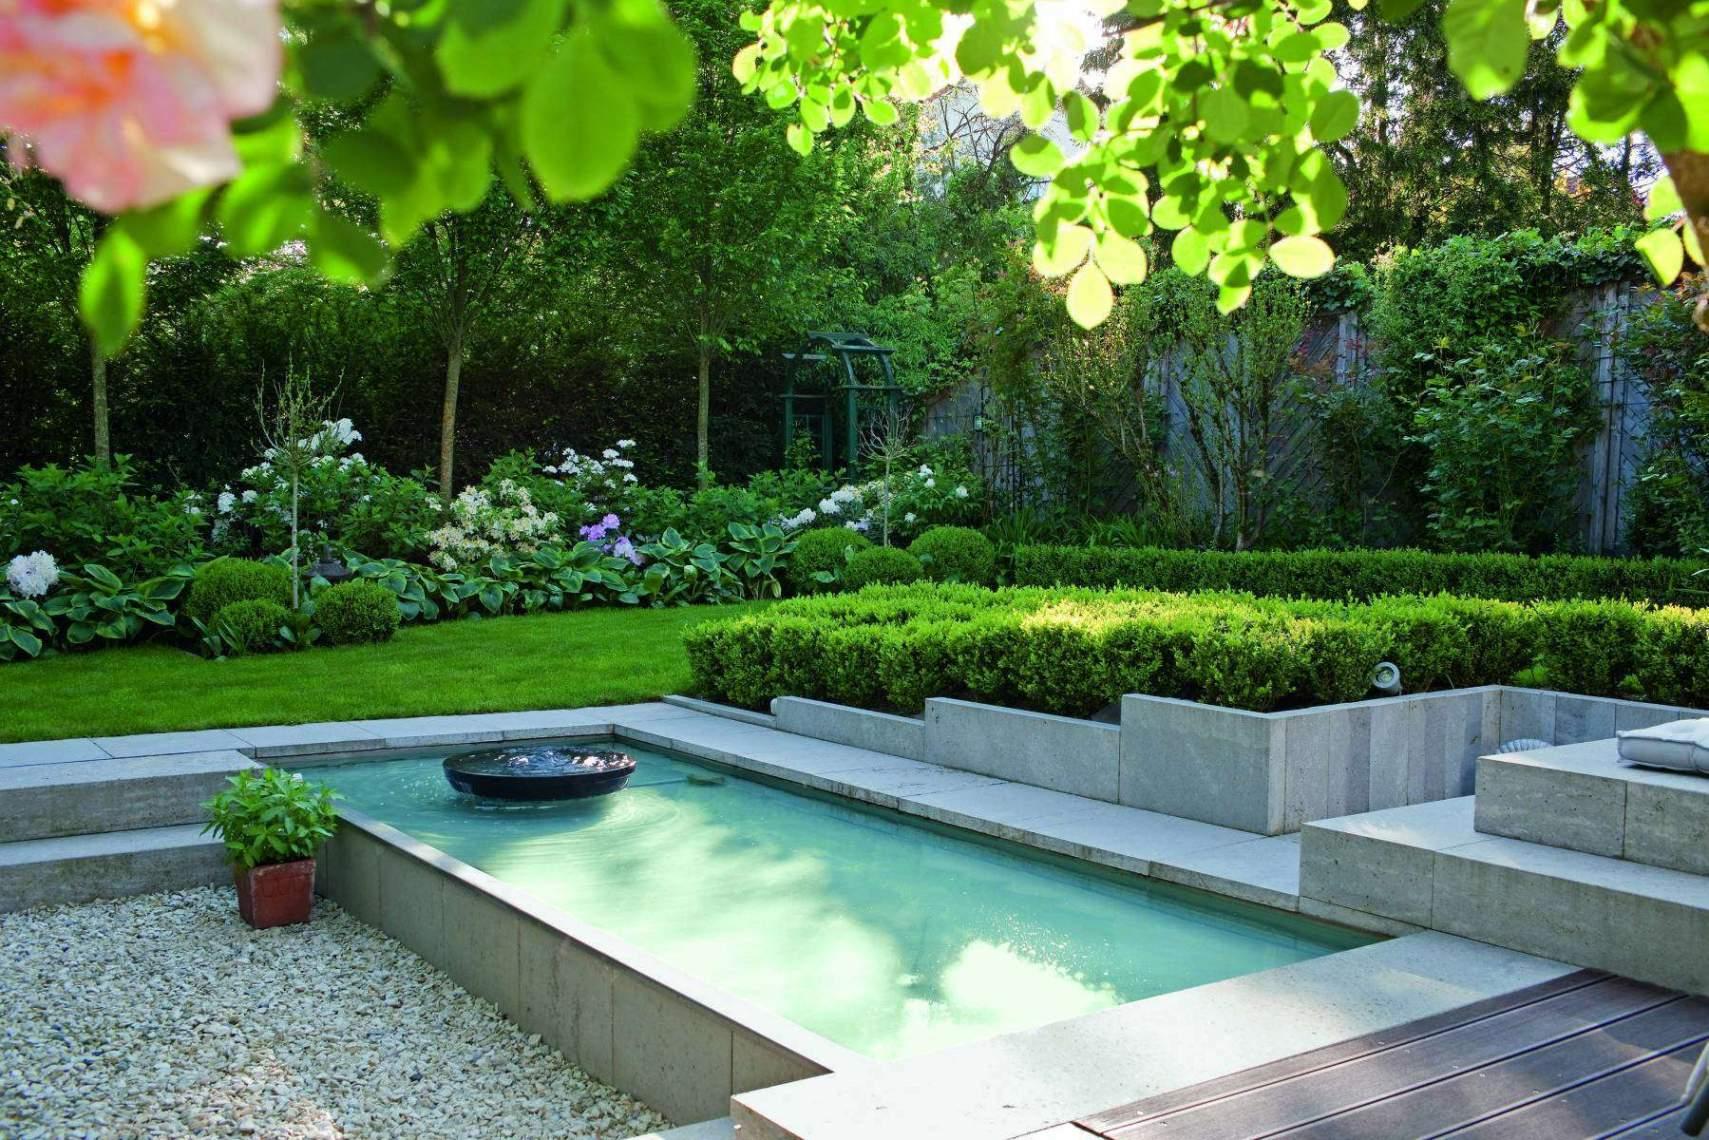 Kleine Pools Für Den Garten Neu Kleine Pools Für Kleine Gärten — Temobardz Home Blog